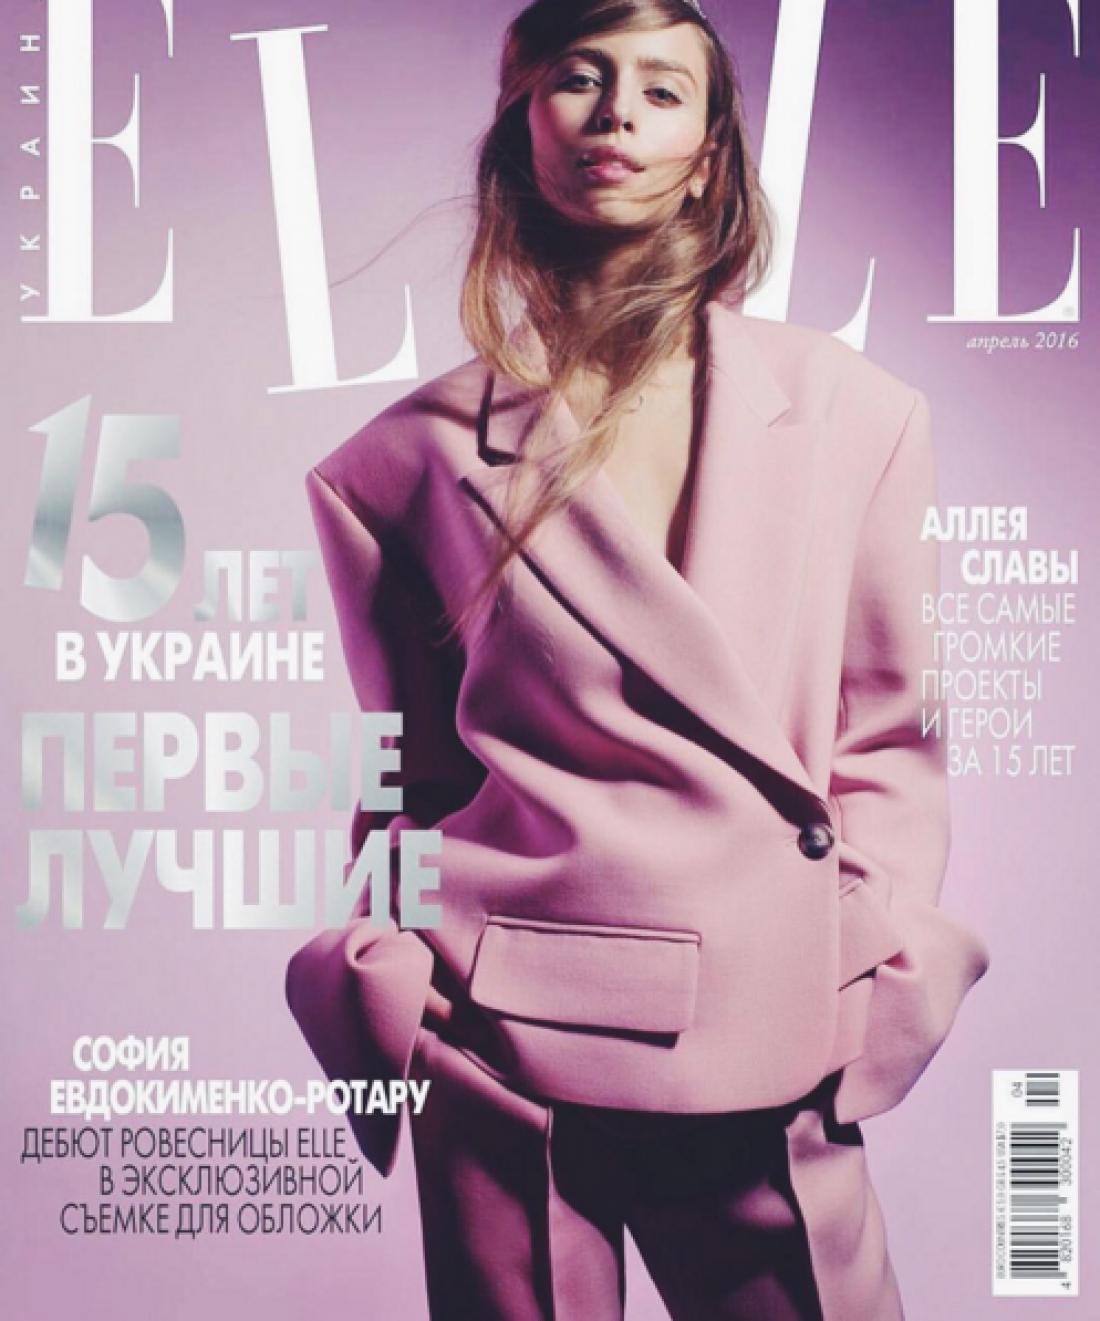 София Евдокименко на обложке Elle